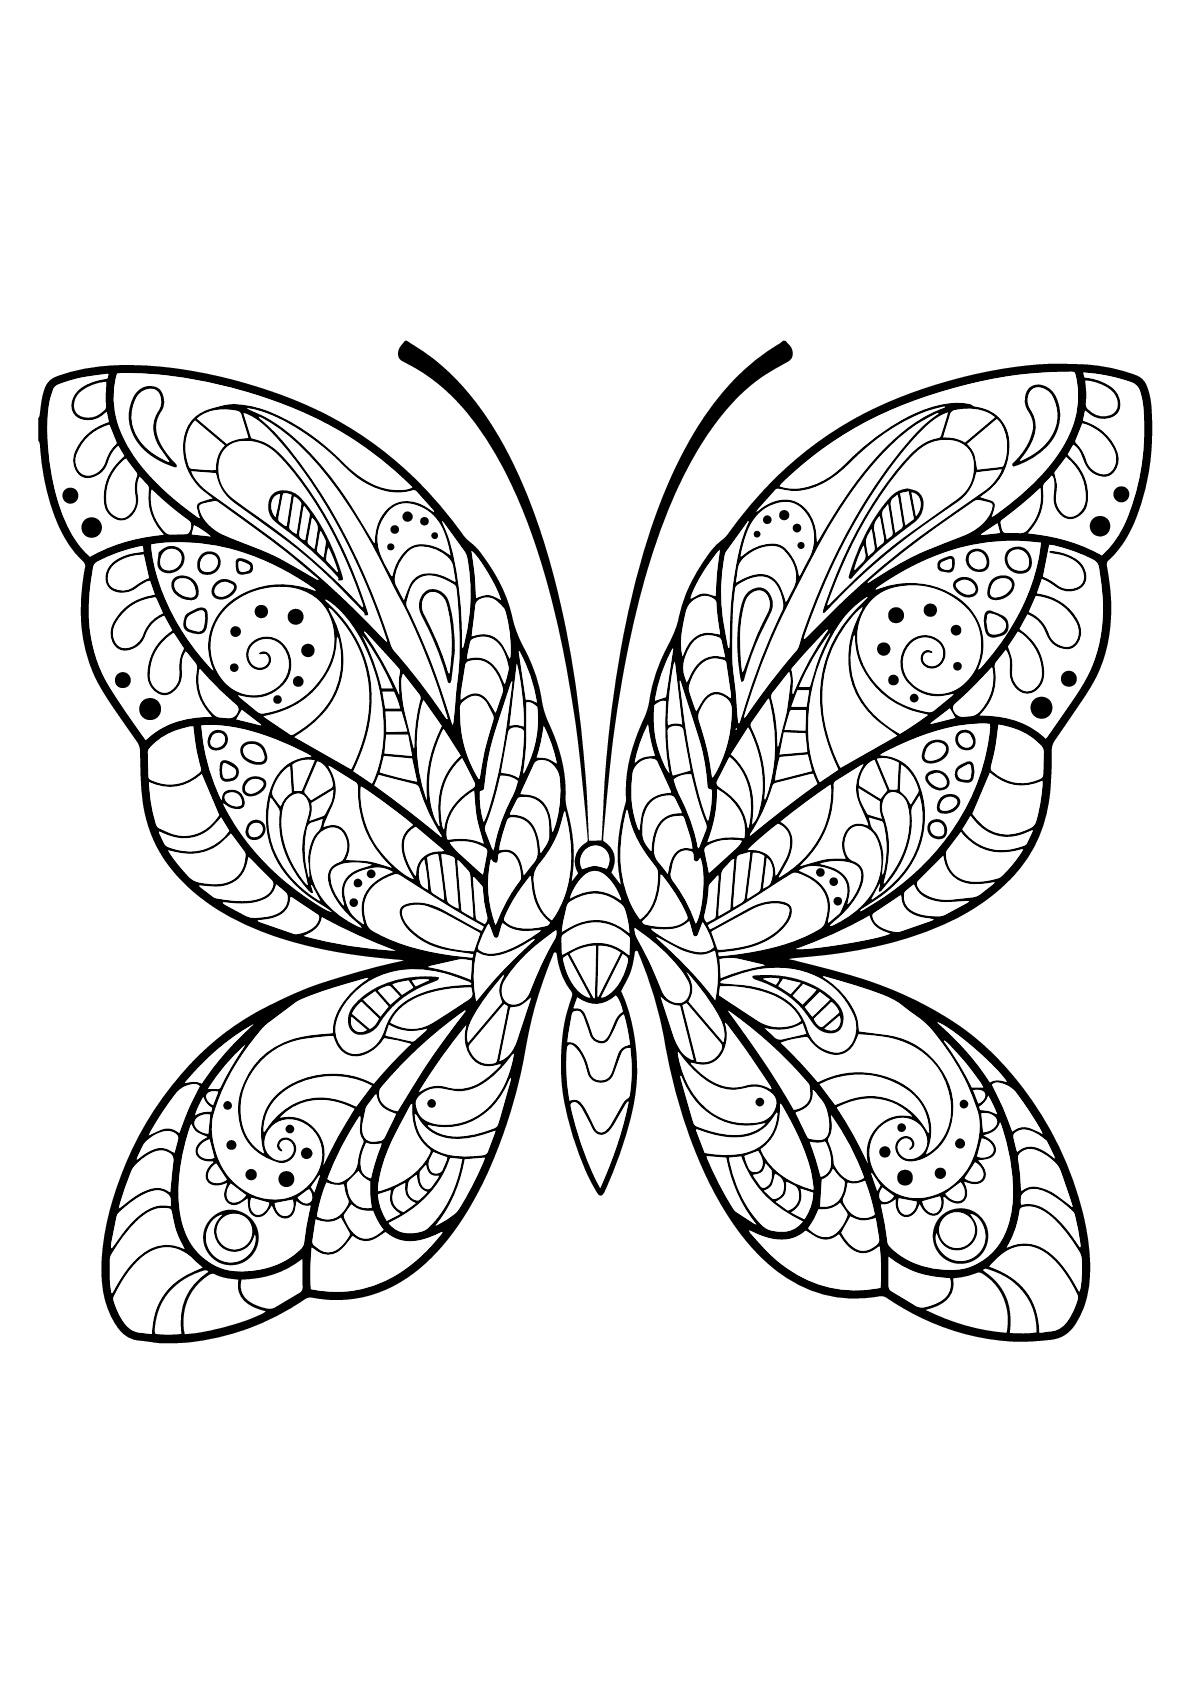 Papillon jolis motifs 2 papillons insectes coloriages difficiles pour adultes - Coloriage de papillon ...